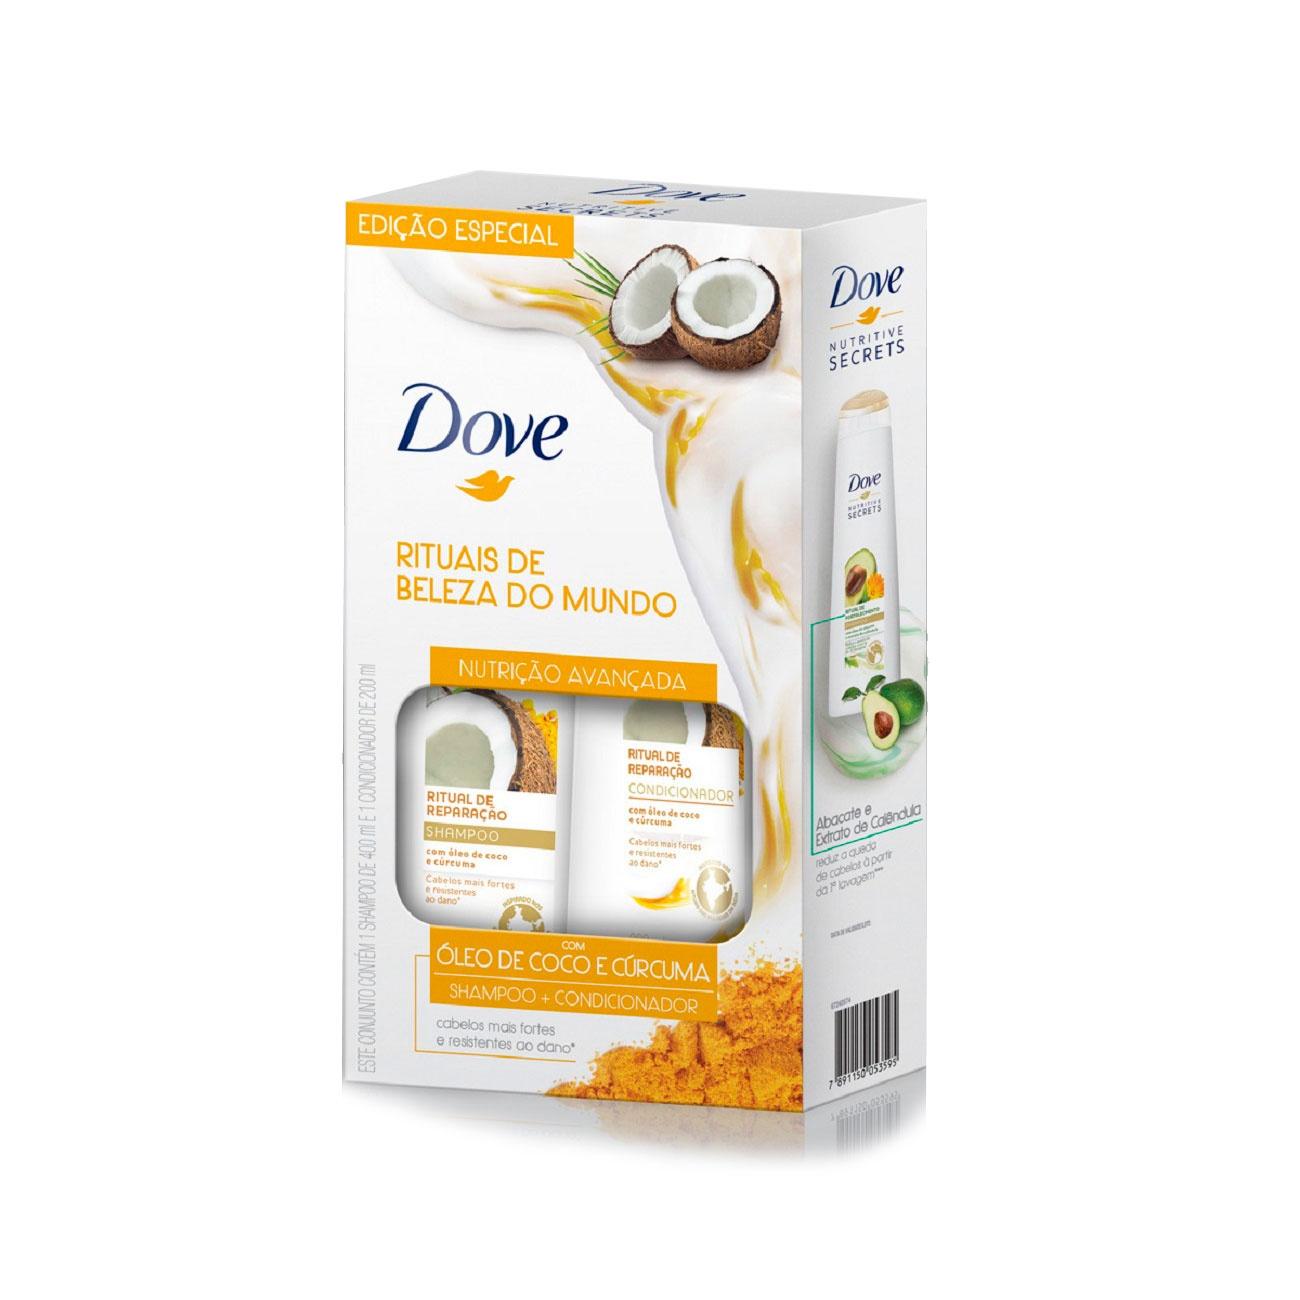 Oferta Shampoo 400ml + Condicionador 200ml Dove Ritual de Reparação